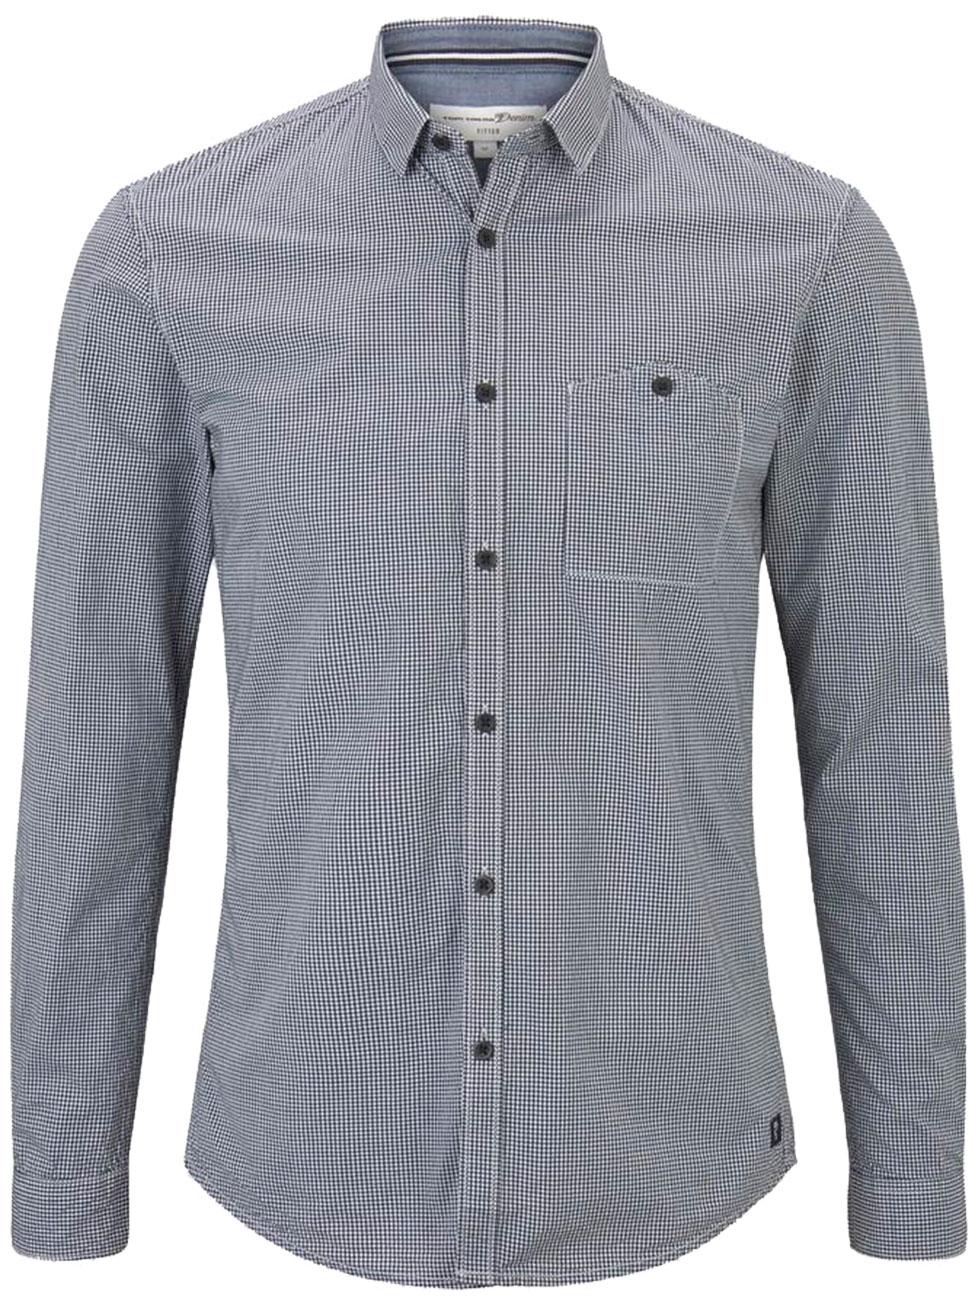 tom-tailor-denim-herren-freizeithemd-mini-vichy-shirt-slim-fit